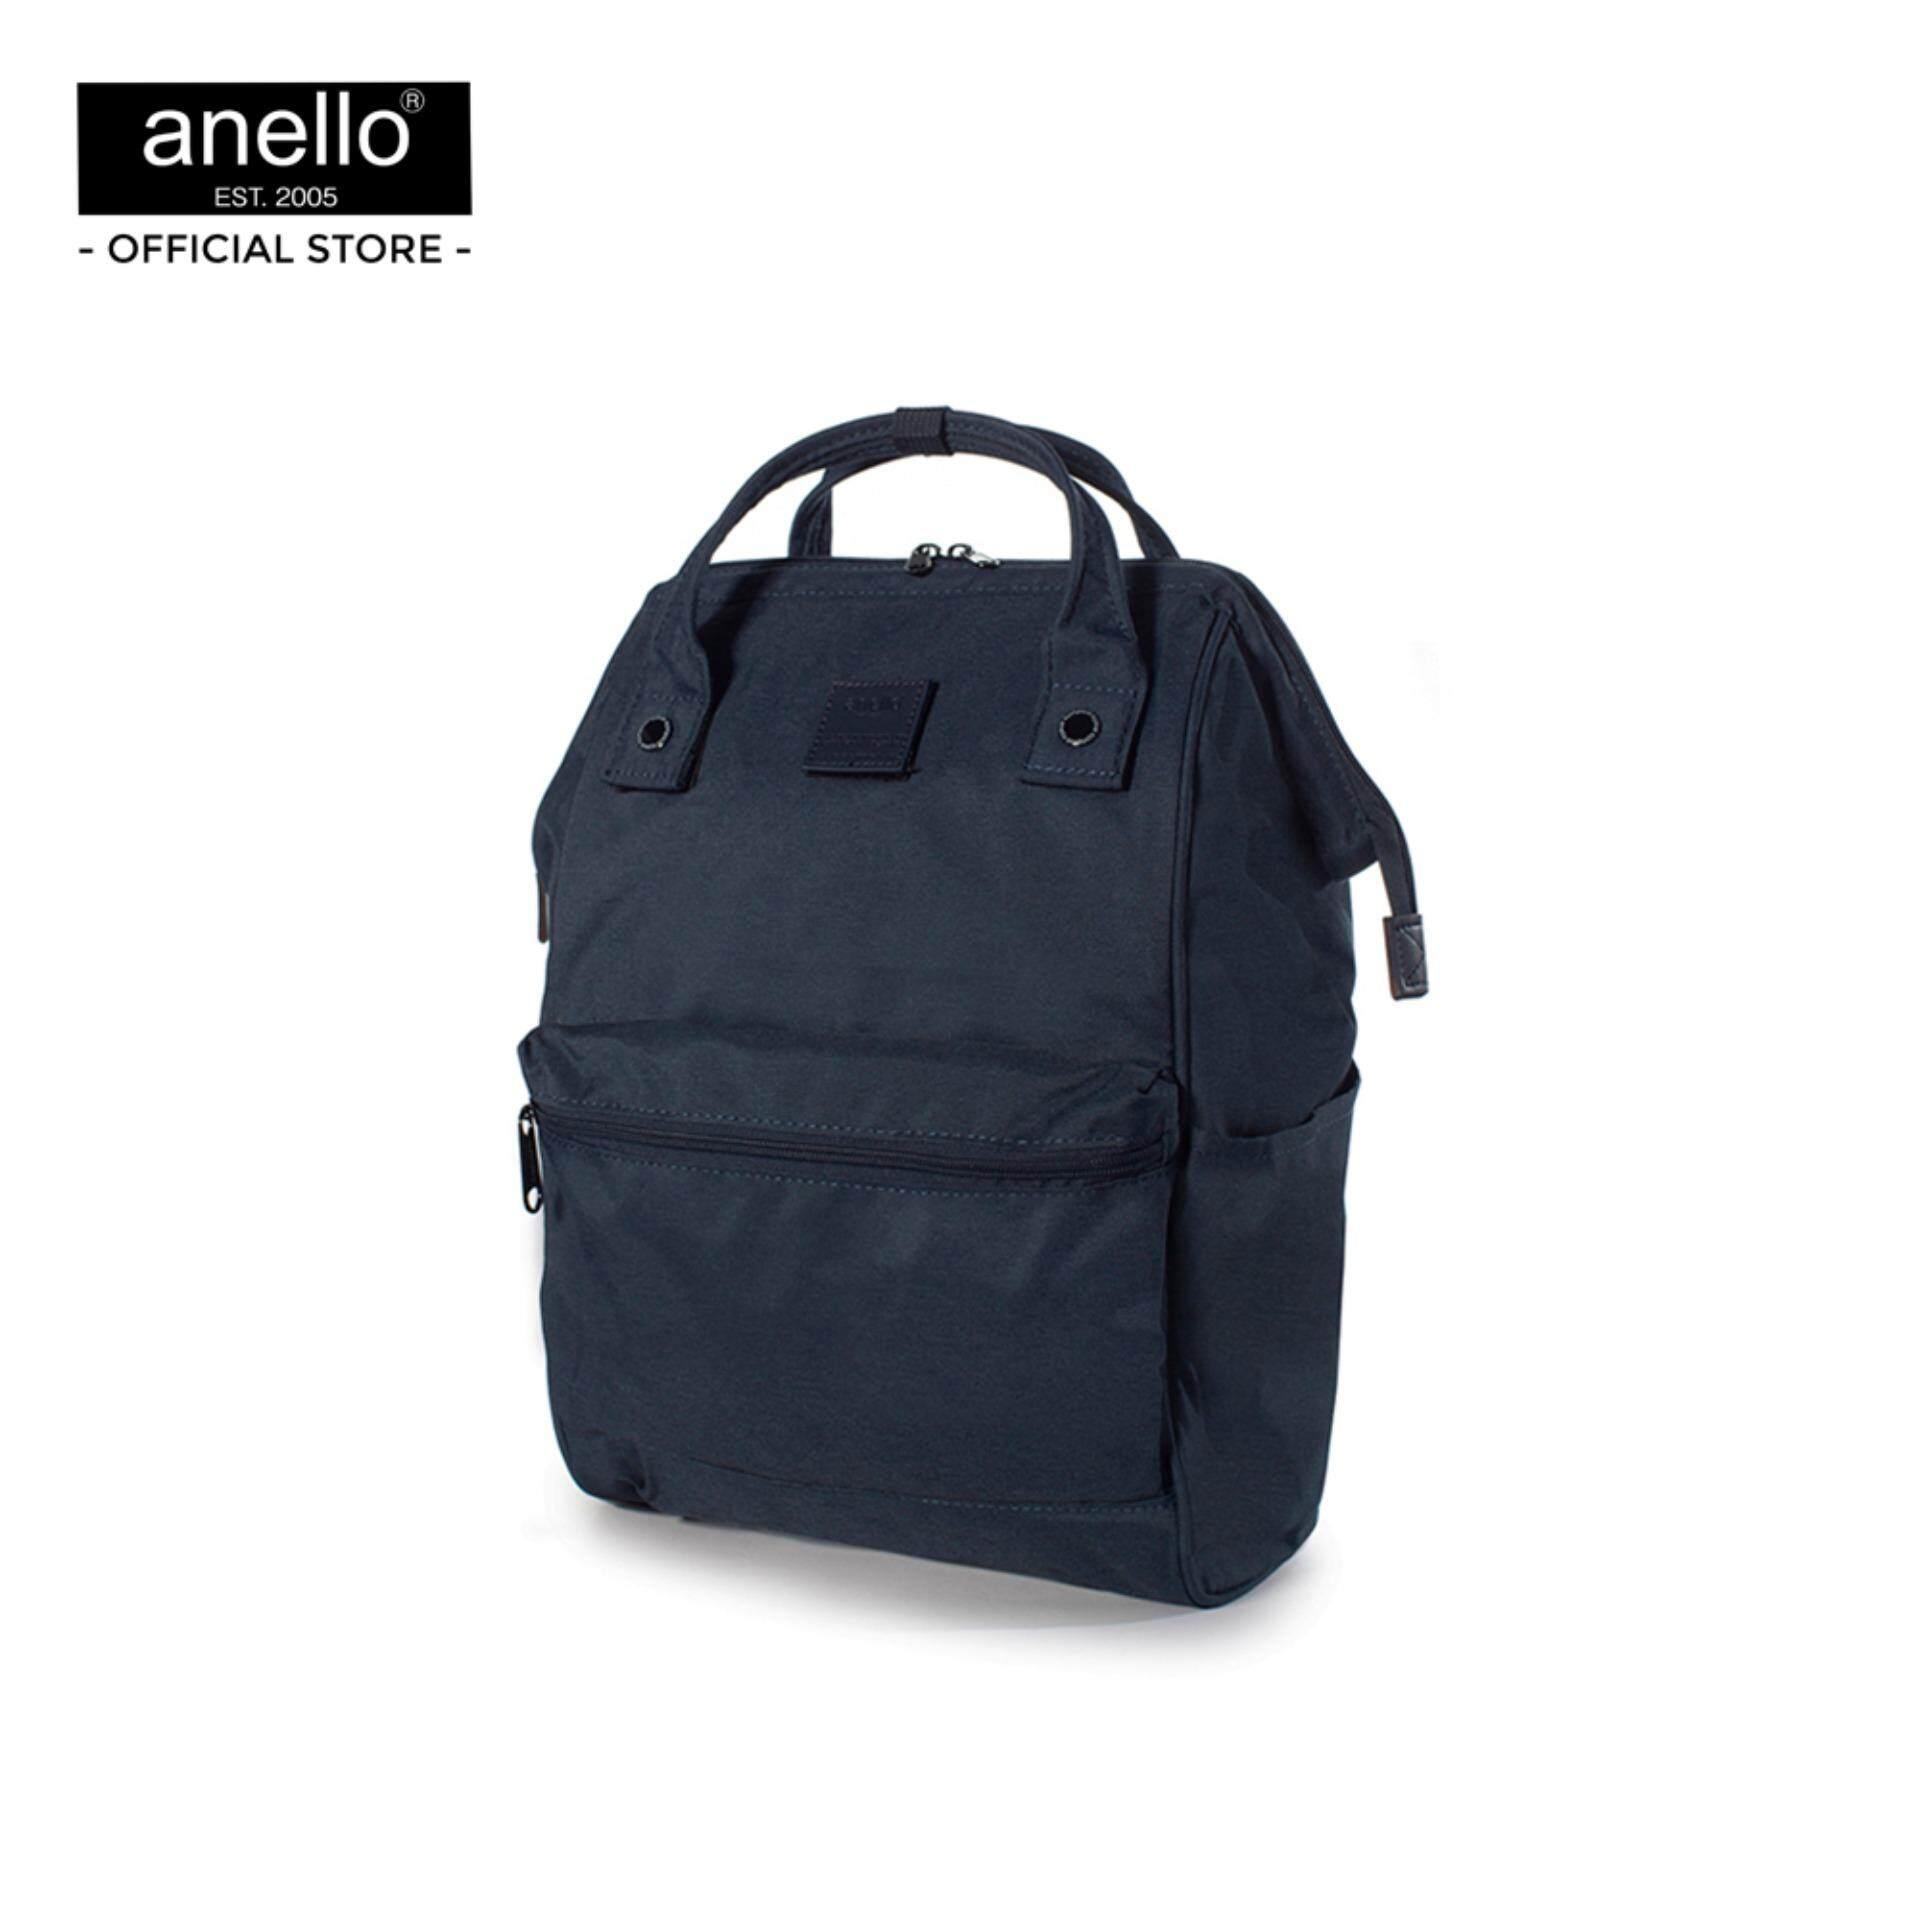 สินเชื่อบุคคลซิตี้  สุพรรณบุรี anello กระเป๋าเป้ RPCM Classic Mini Rucksack_AT-B2853